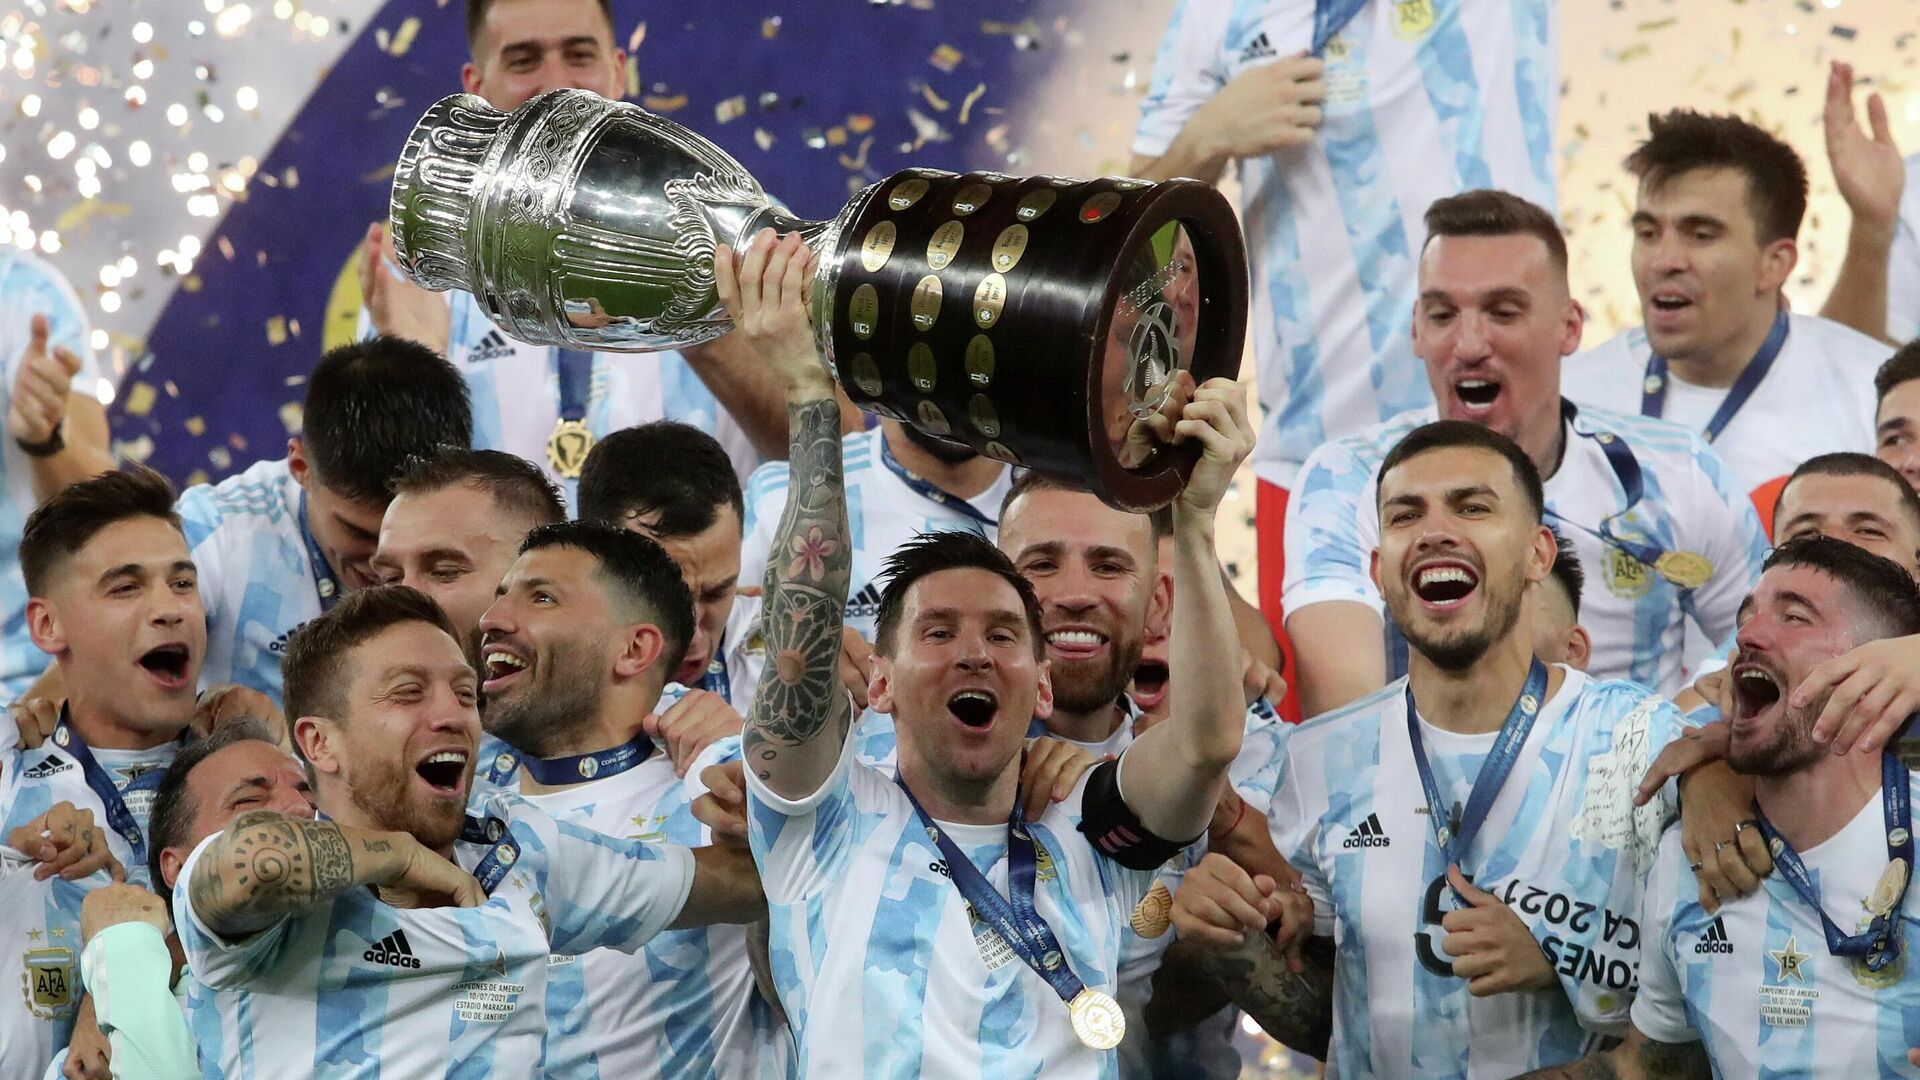 Сборная Аргентины - победитель Кубка Америки - РИА Новости, 1920, 11.07.2021